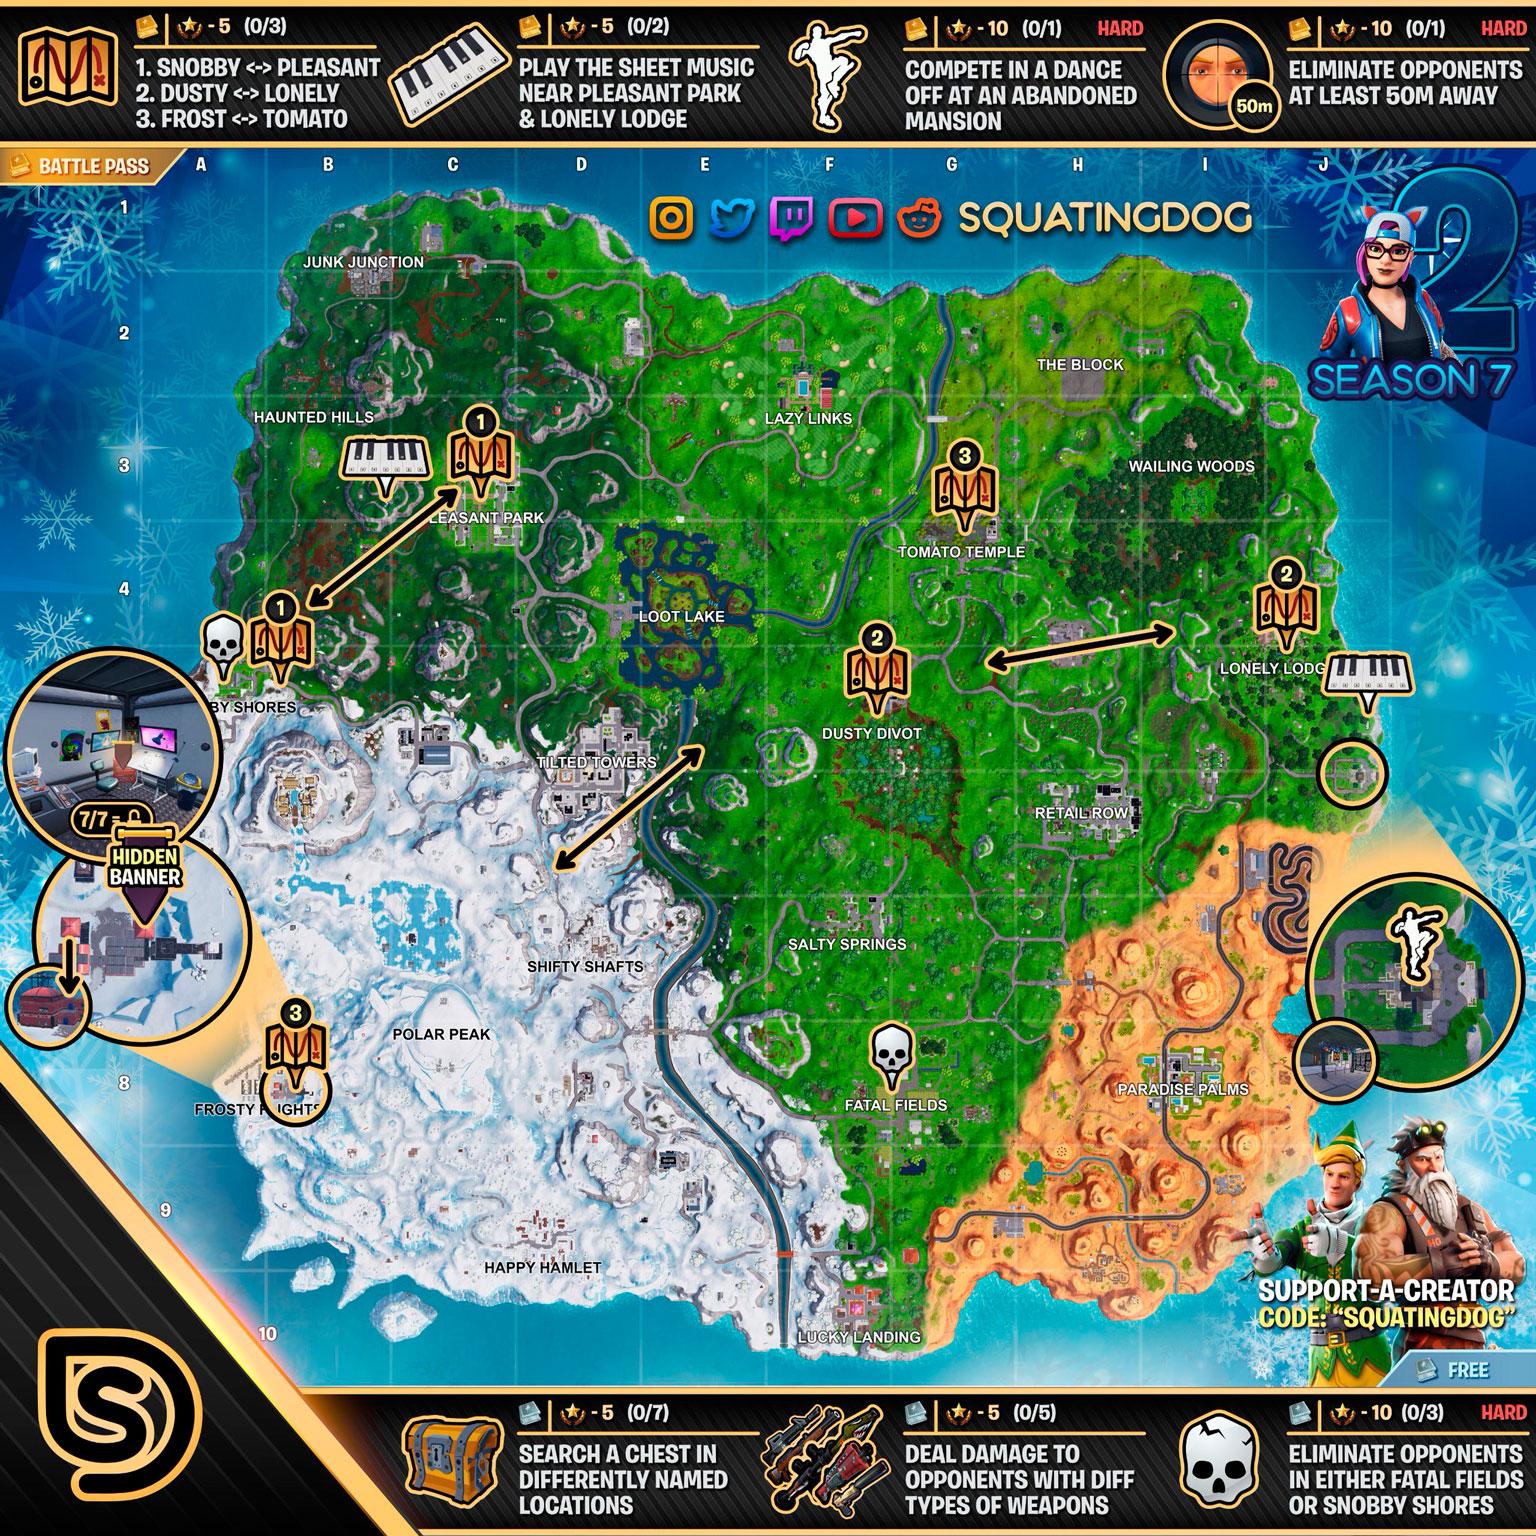 Fortnite Mapa semana 2 de la temporada 7